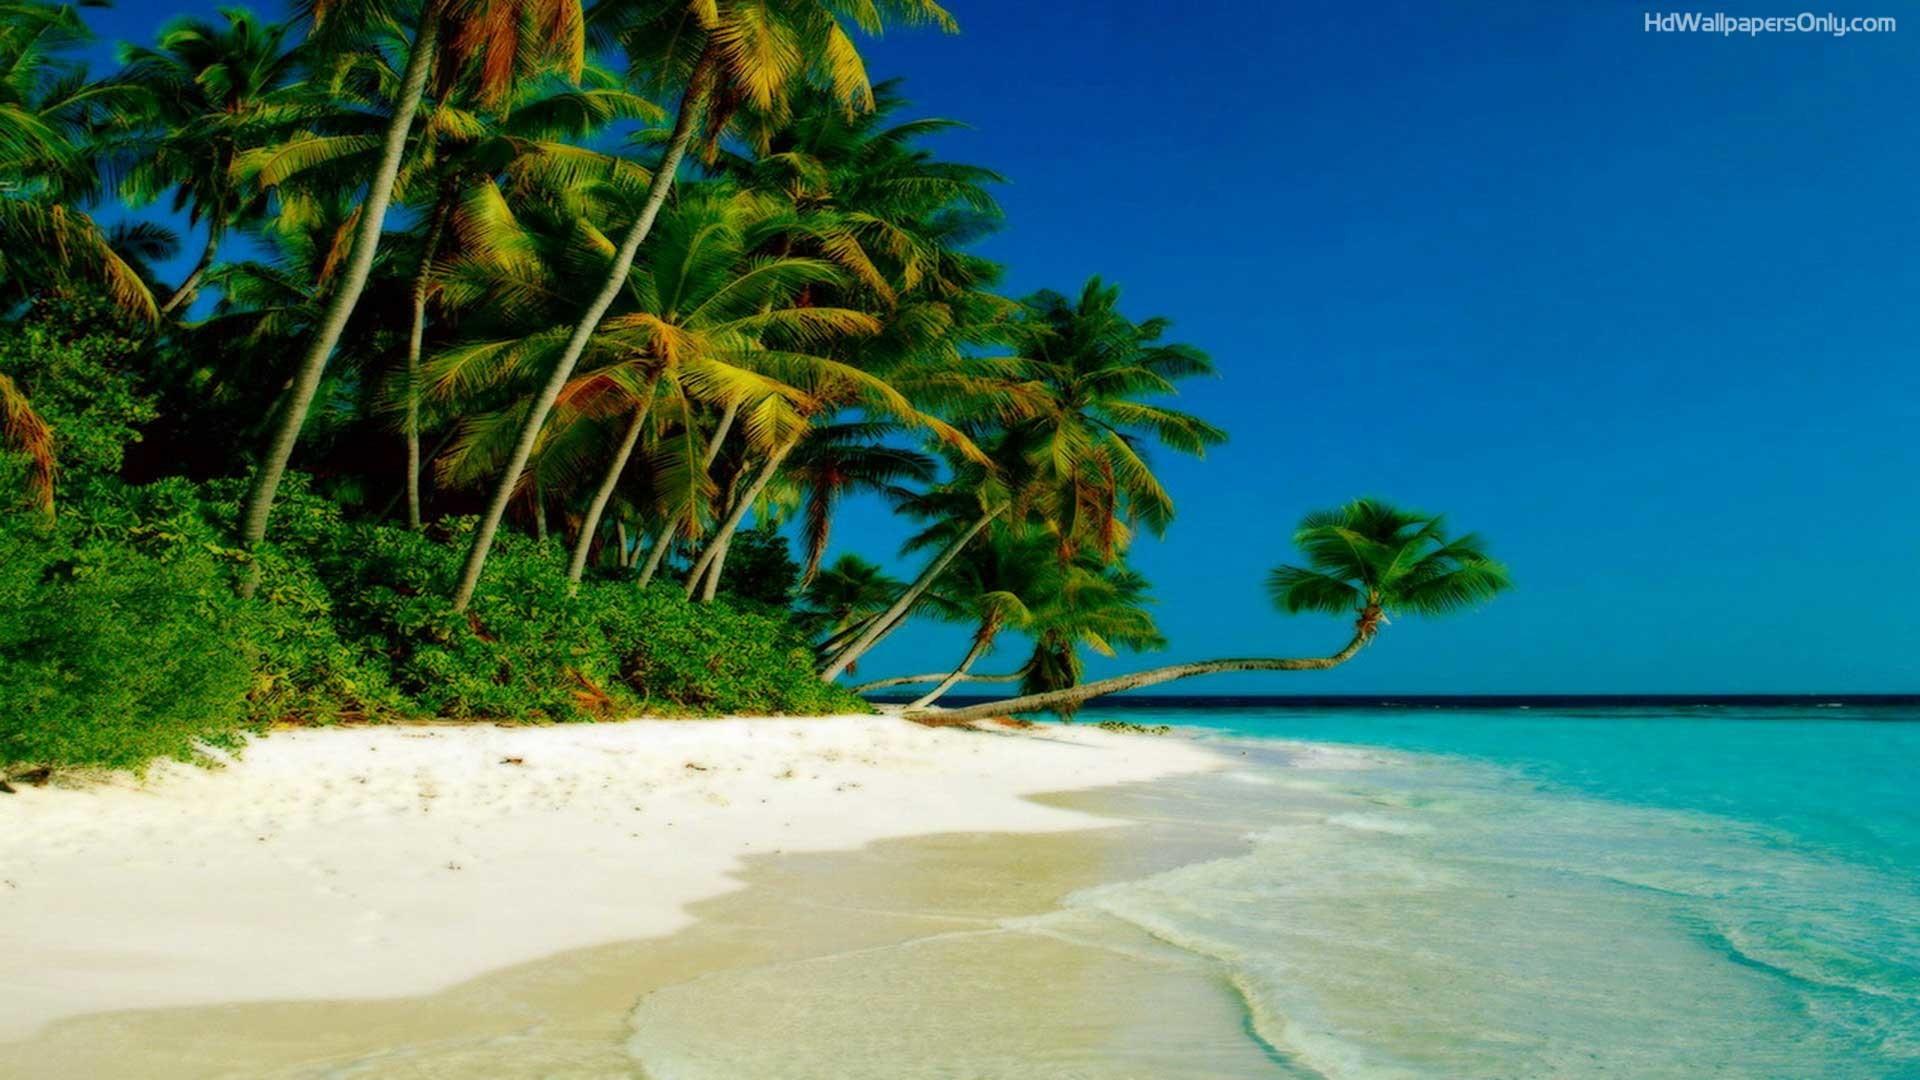 Beaches Islands HD Wallpapers Beach Desktop Backgrounds,Stock 1920×1080 Beach  Hd Wallpaper (